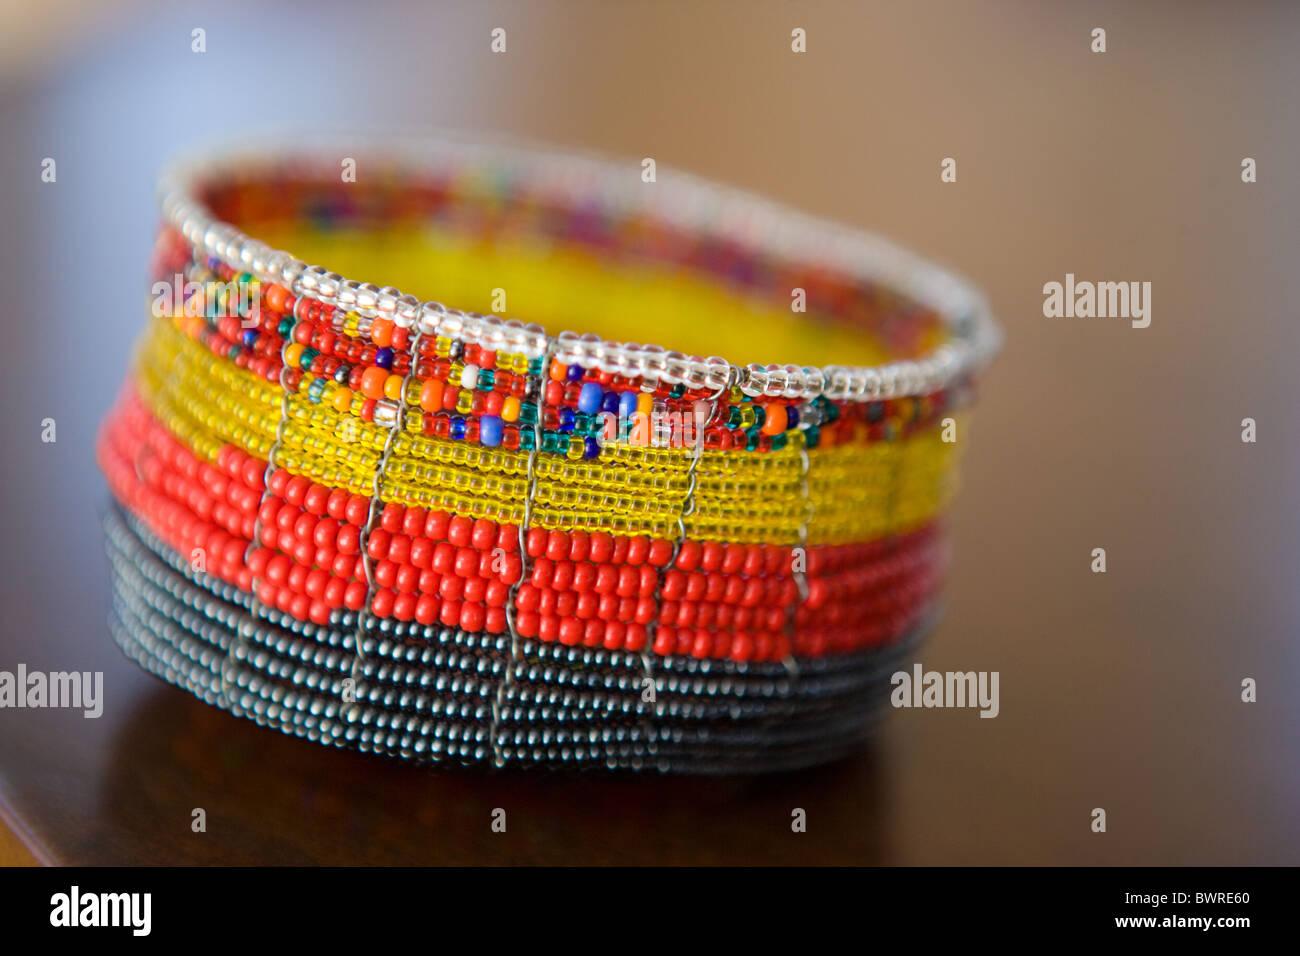 Volkskunst Perlen Container, handgemacht, südamerikanisch Stockbild